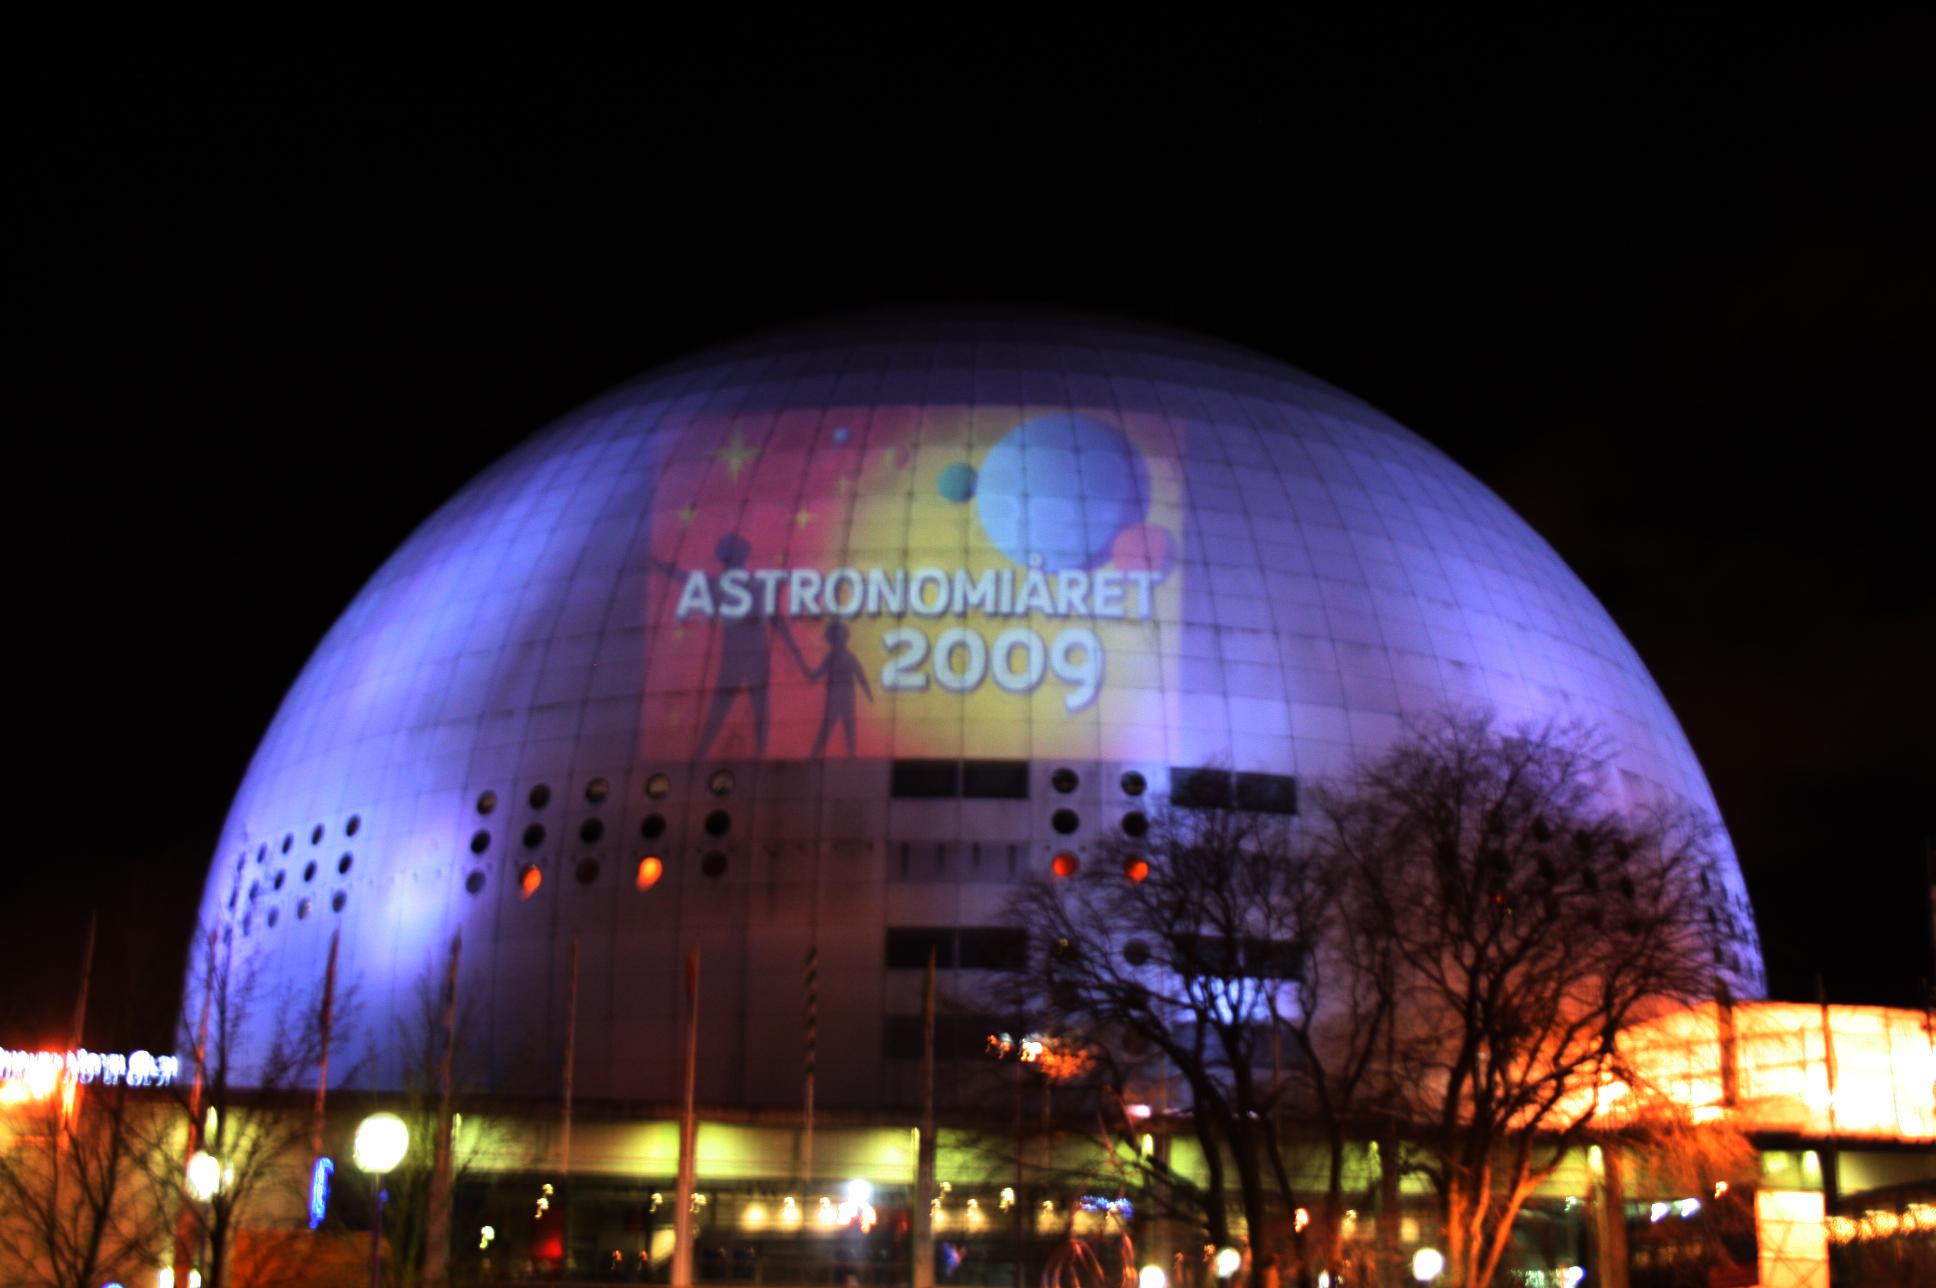 #2: Sweden Solar System